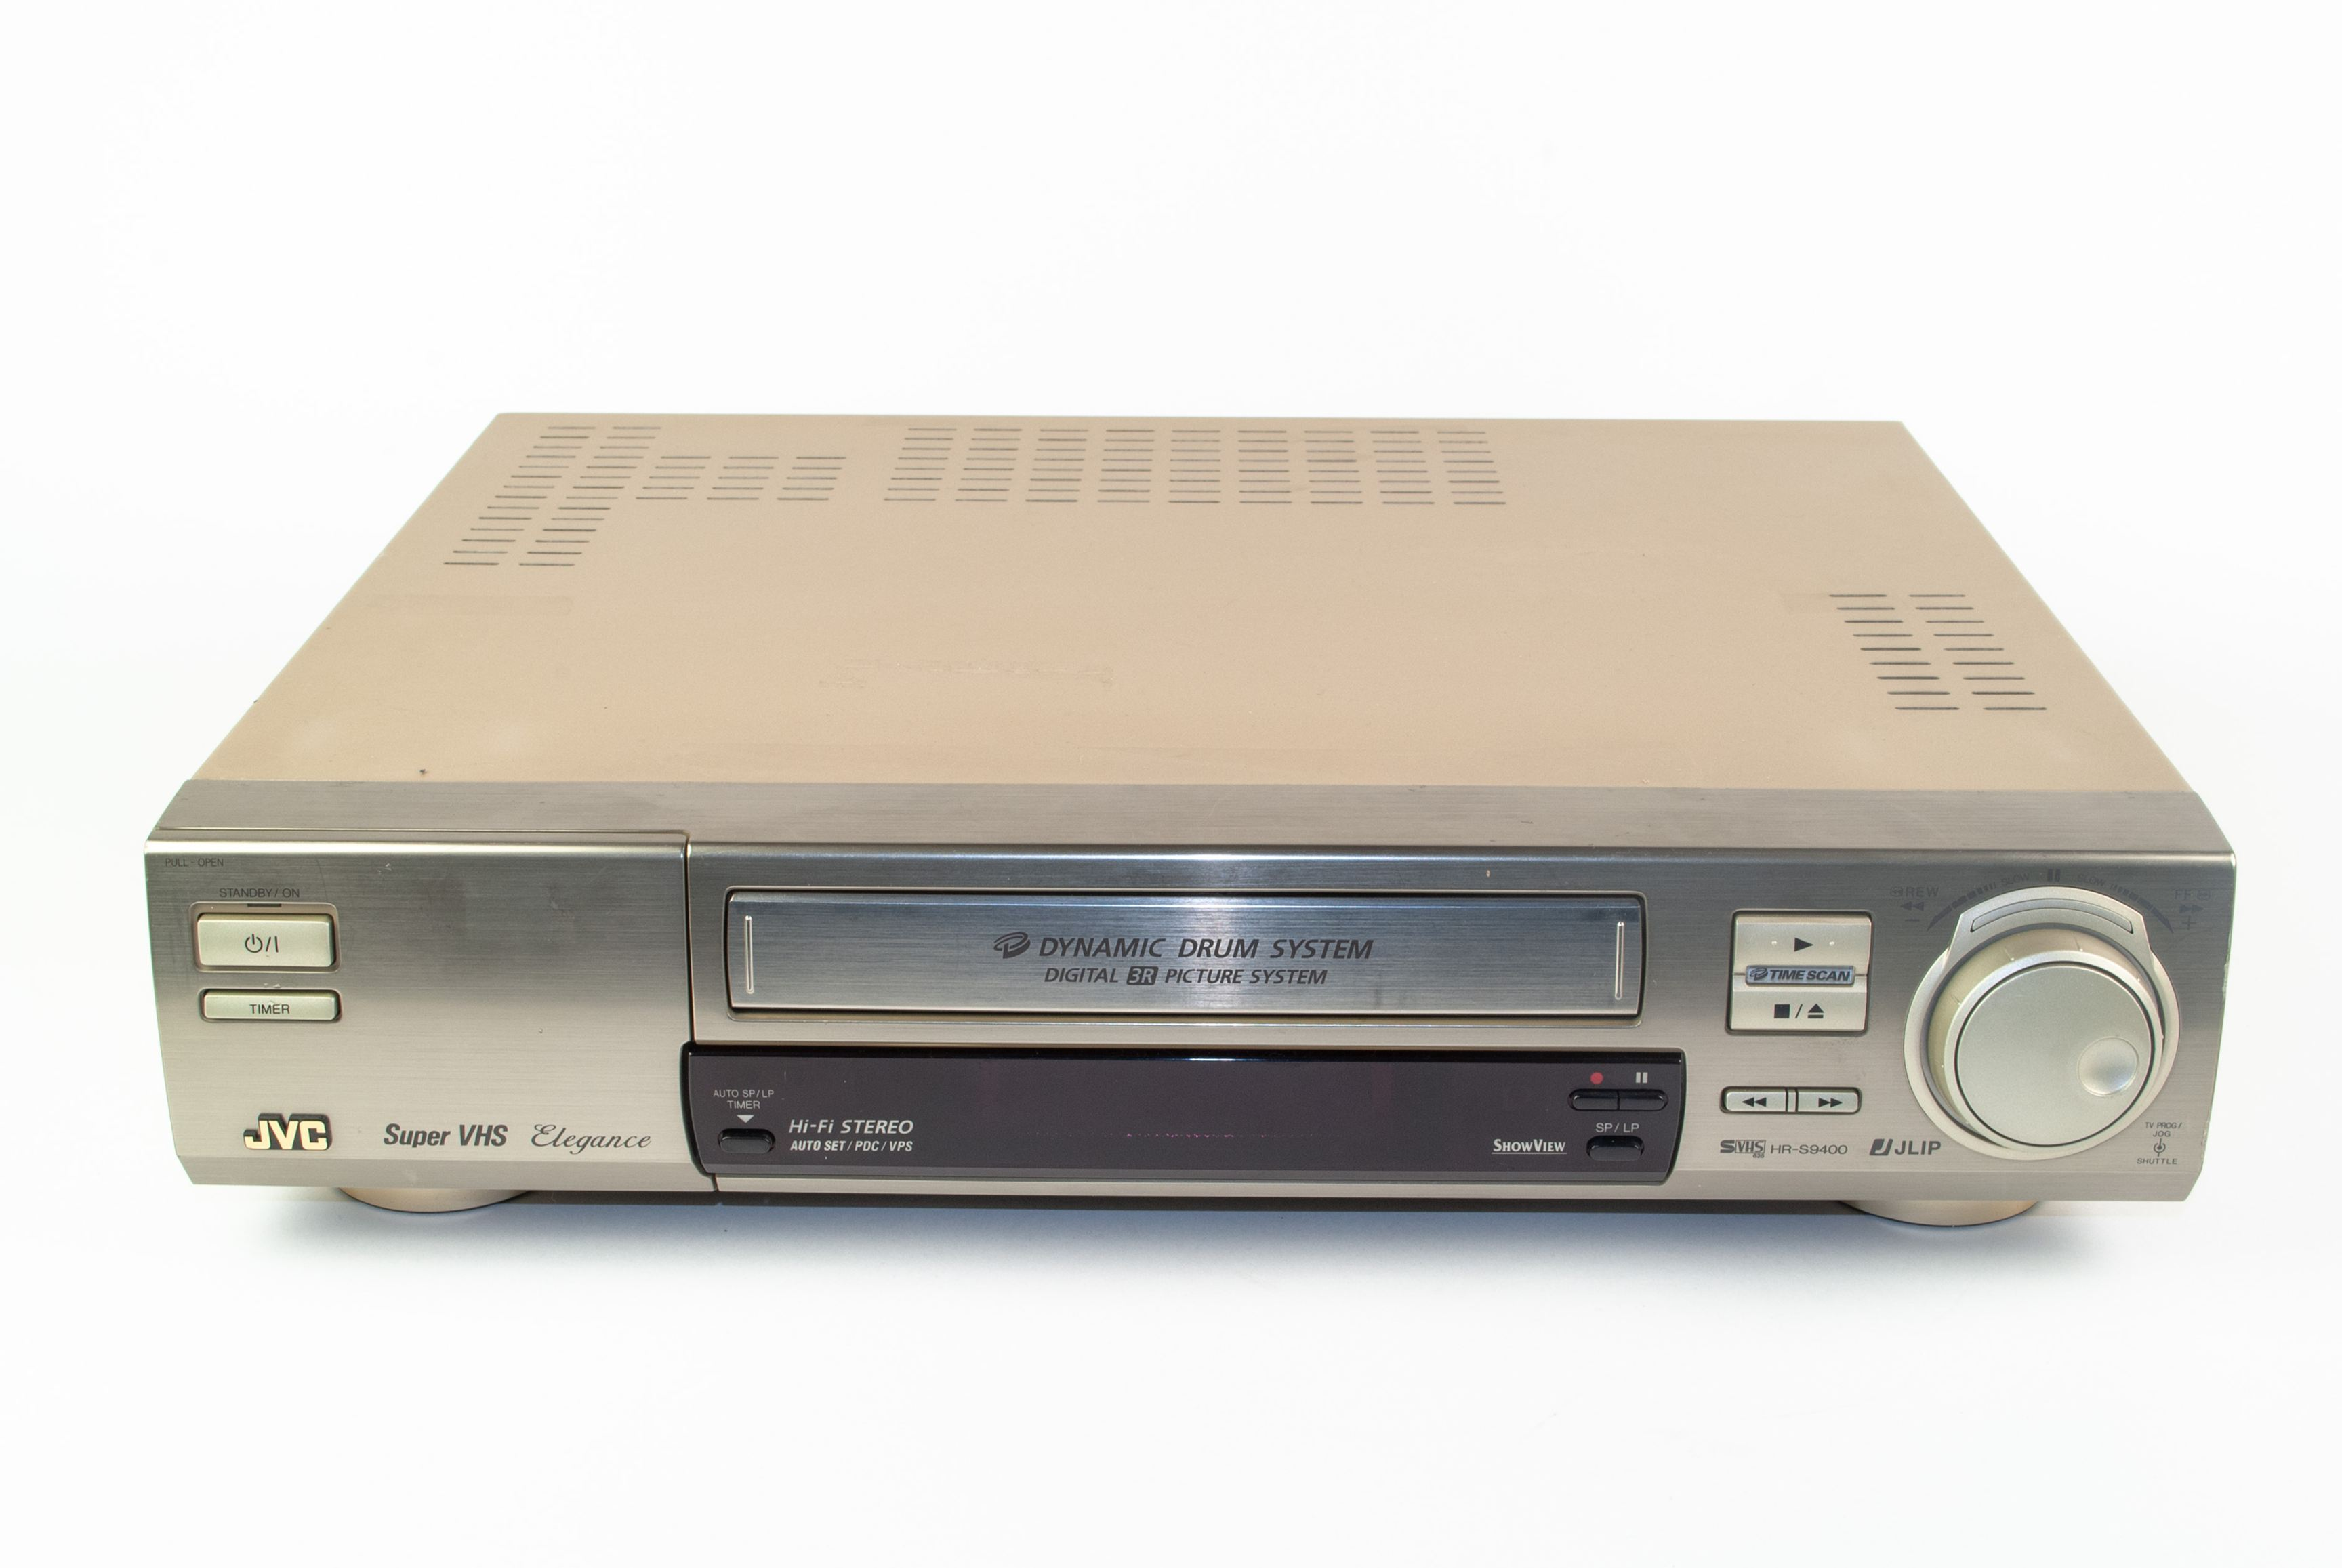 HR-S9400